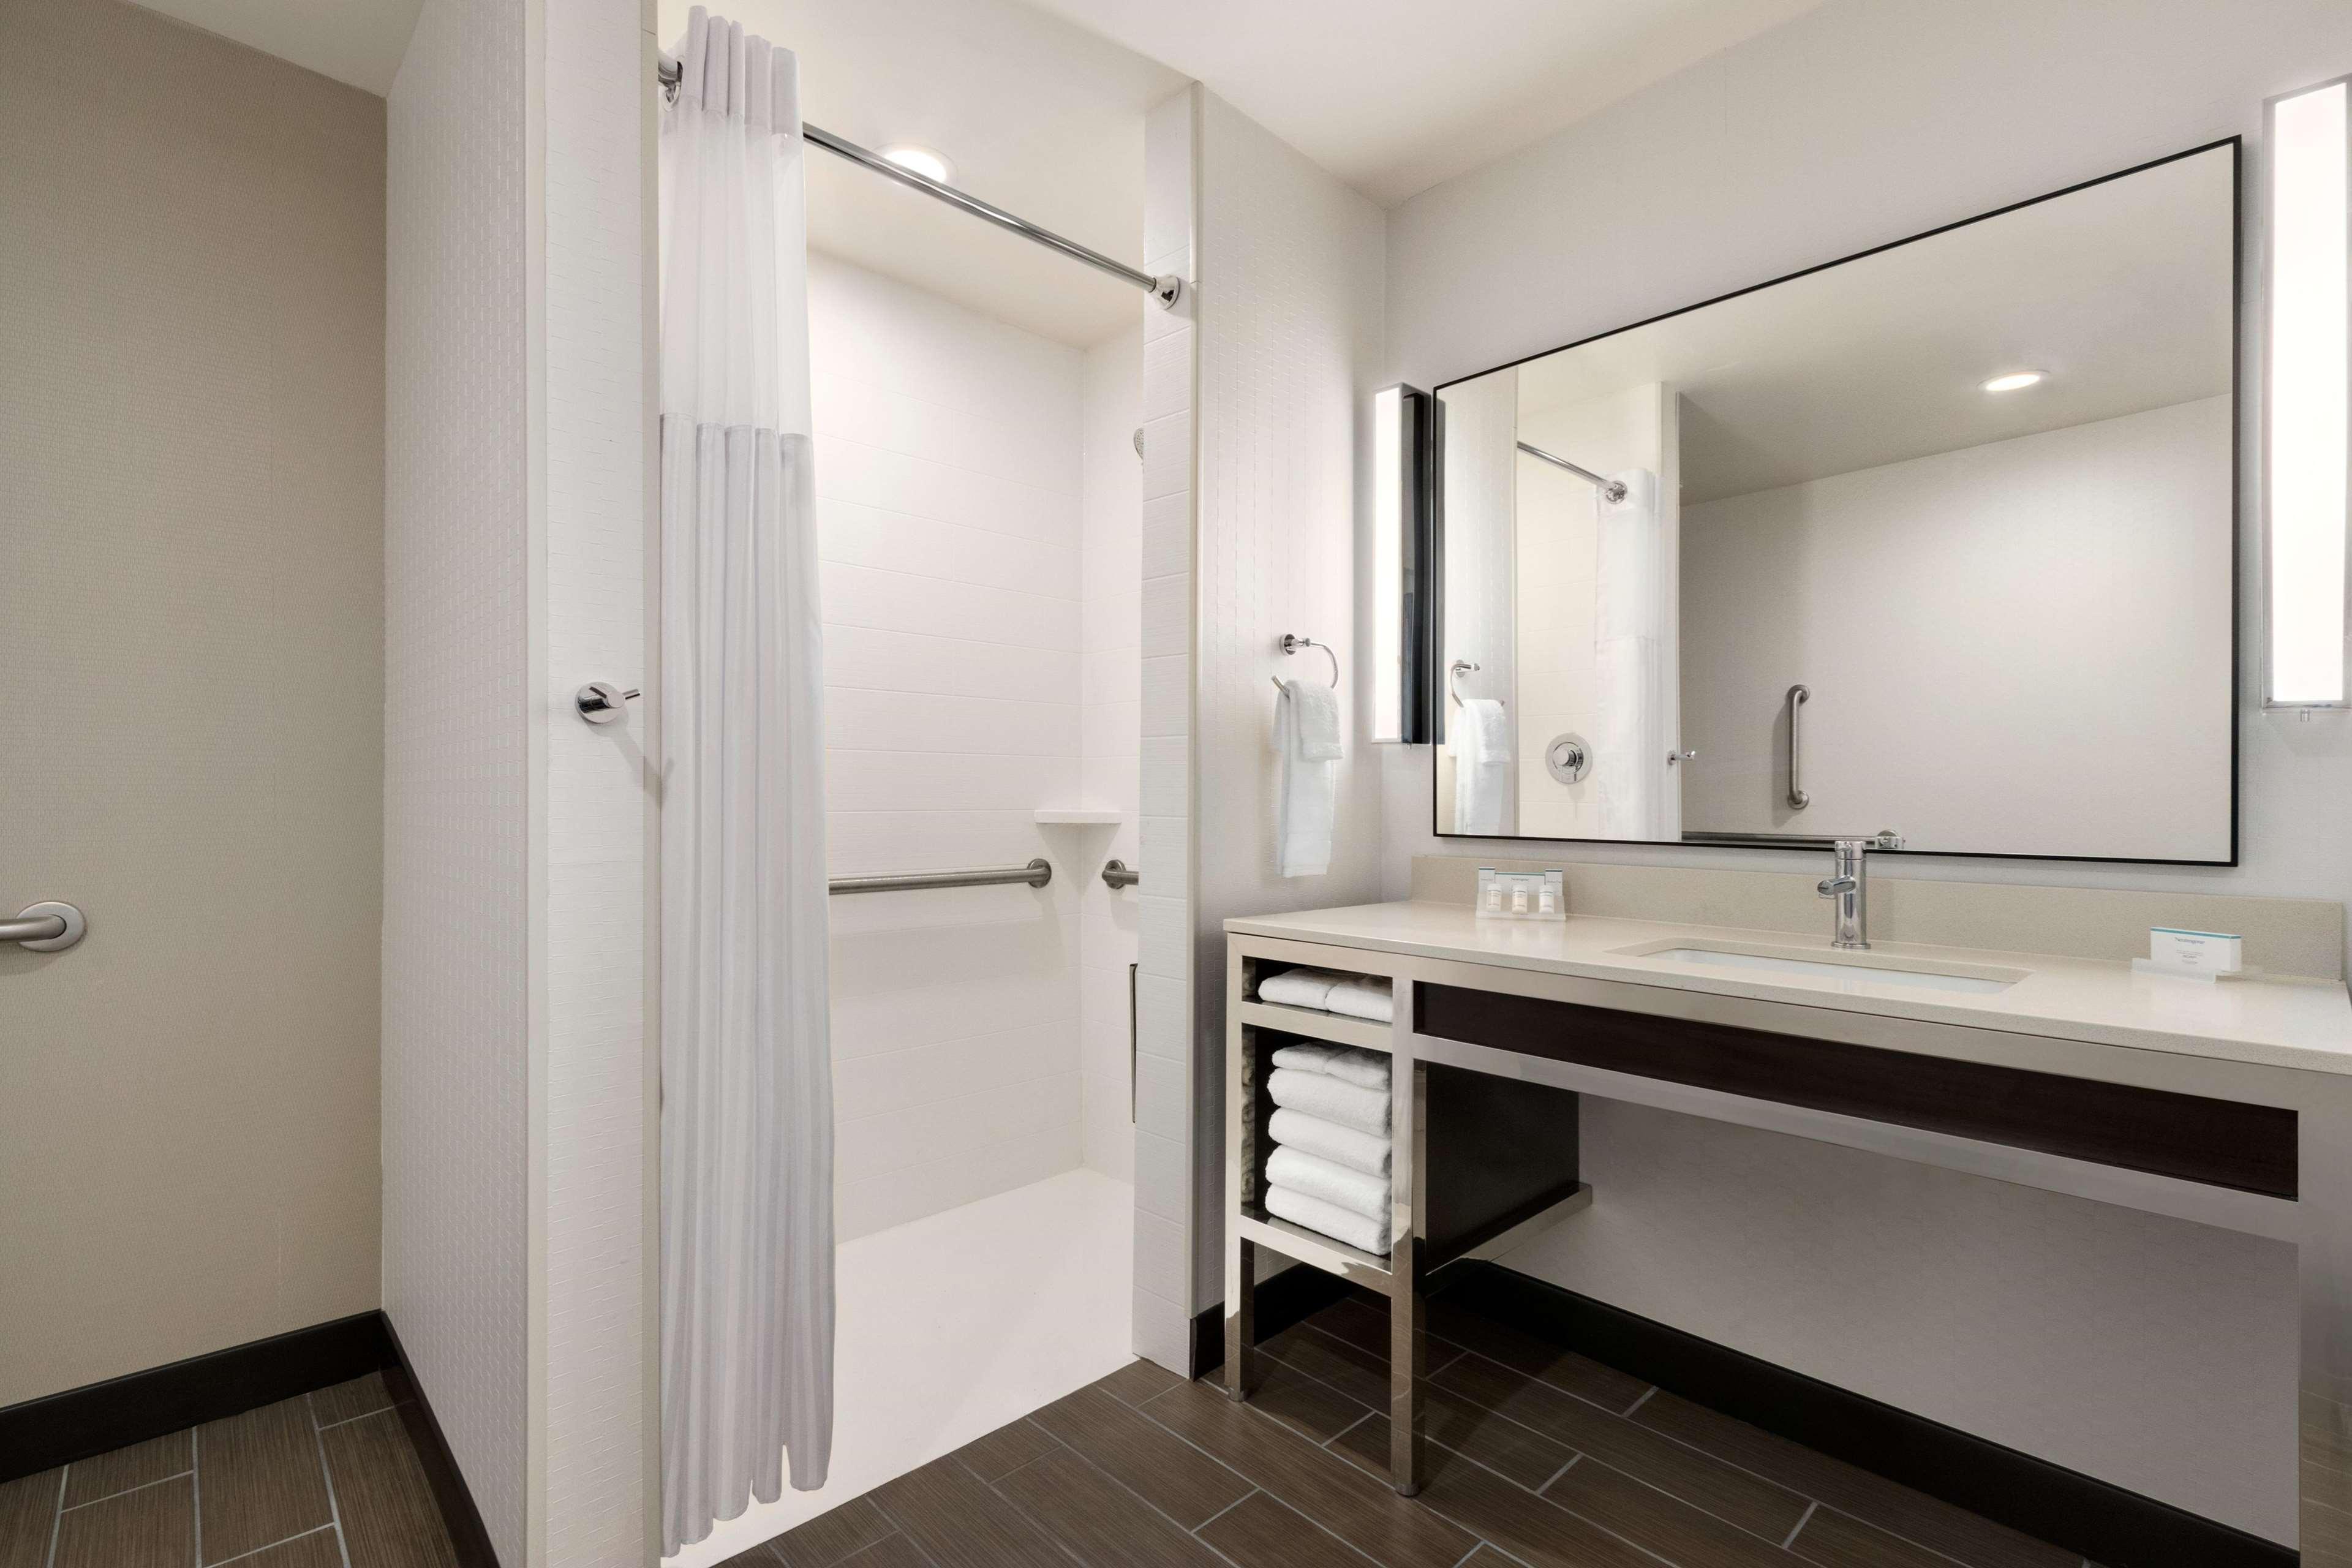 Hilton Garden Inn Medford image 28